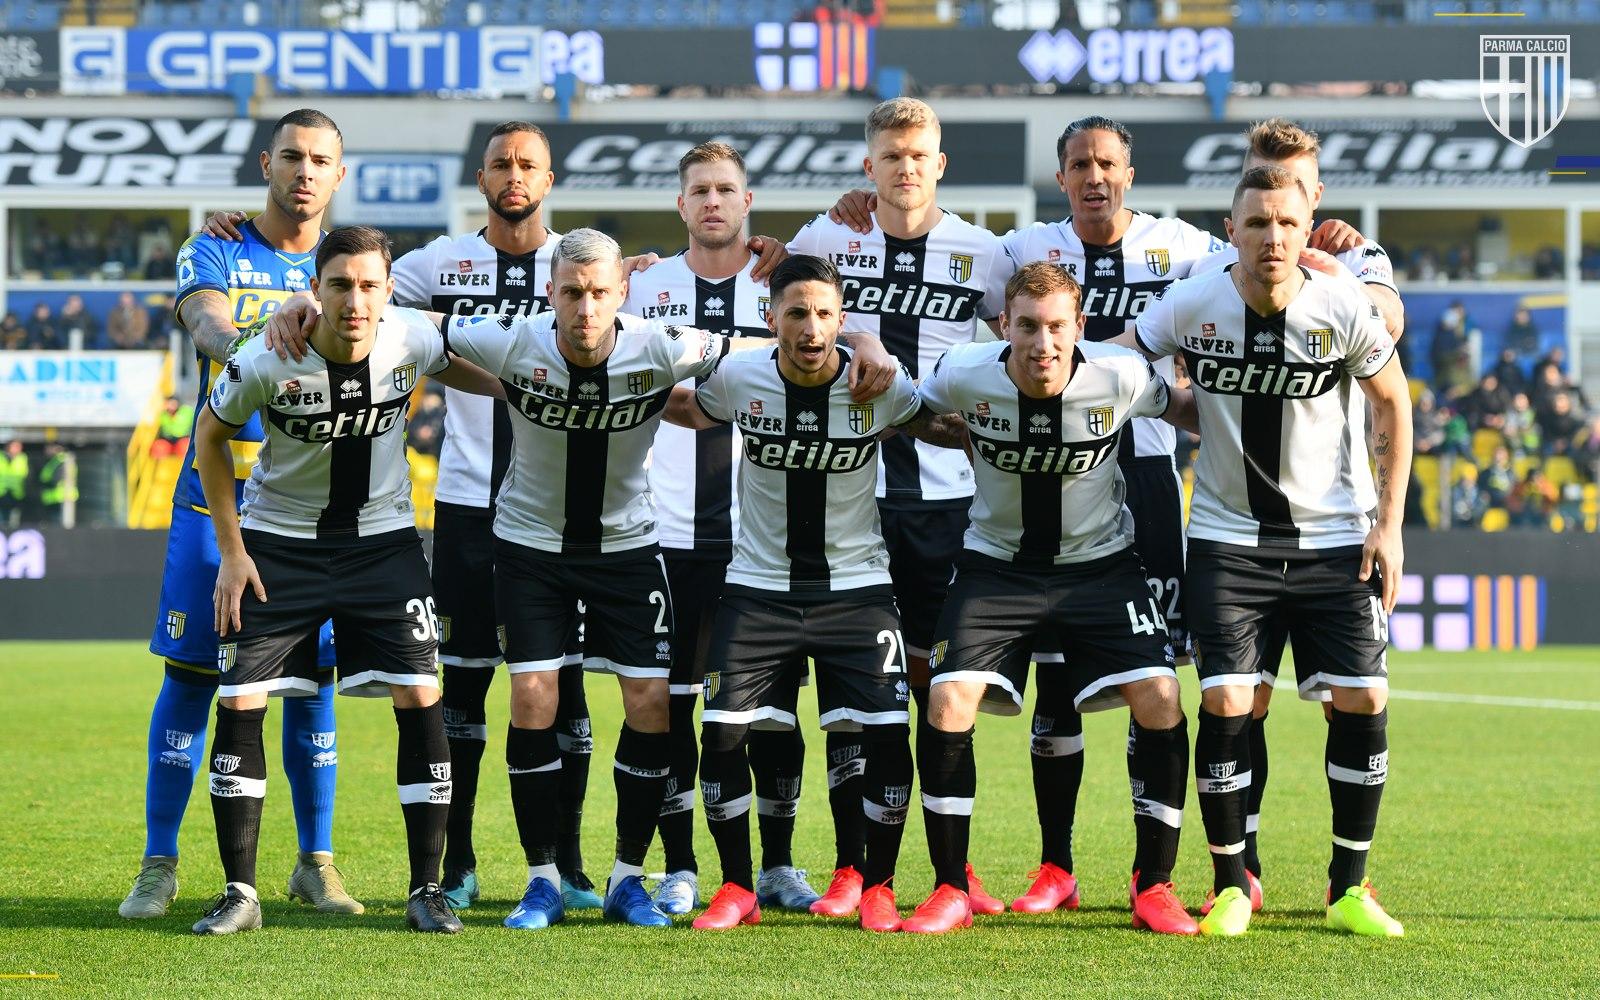 Il Parma Calcio Pronto Alla Ripresa Del Campionato Di Serie A Cetilar Sport